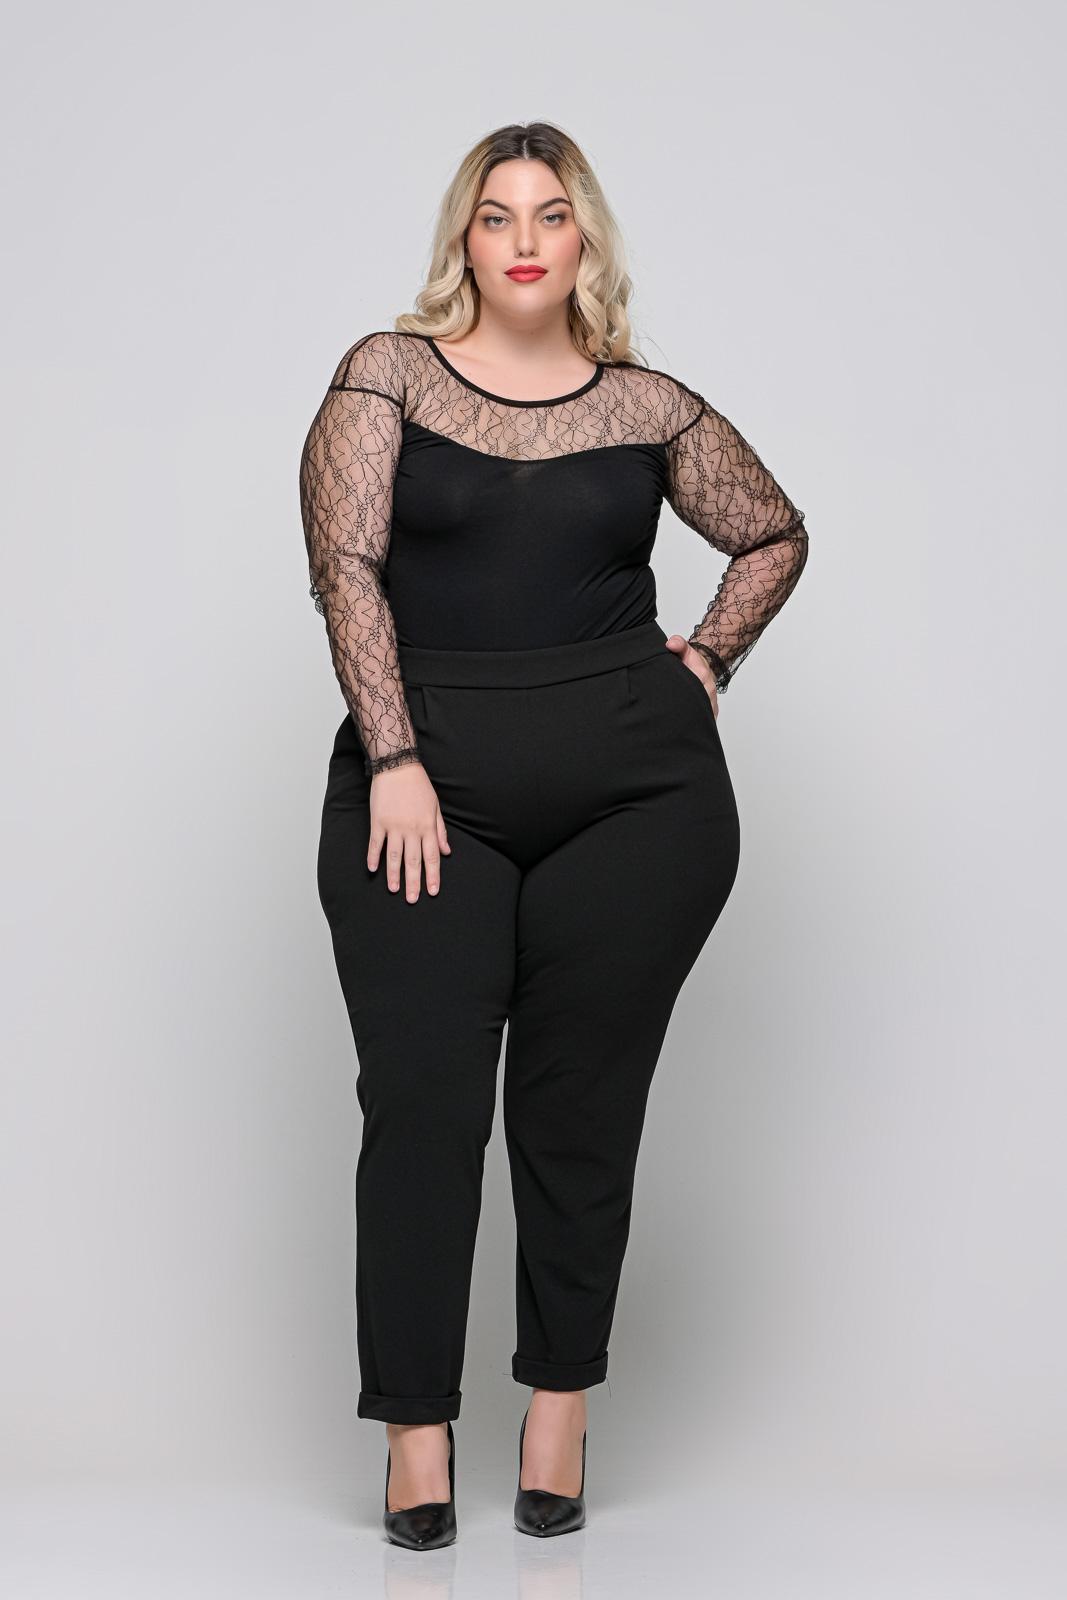 Κορμάκι μεγάλα μεγέθη με δαντέλα στο στήθος και τα μανίκια.Στο eshop μας θα βρείτε οικονομικά γυναίκεια ρούχα σε μεγάλα μεγέθη και υπερμεγέθη.